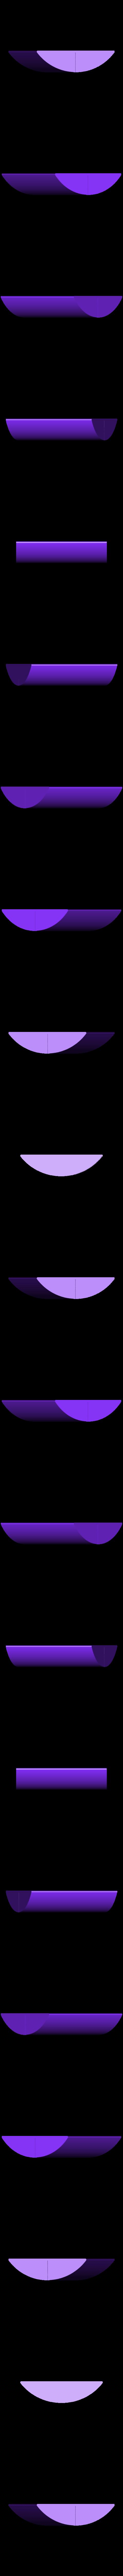 receiver_mount.stl Télécharger fichier STL gratuit Crazy Wild Ellipse Wing (expérimental) • Modèle imprimable en 3D, wersy